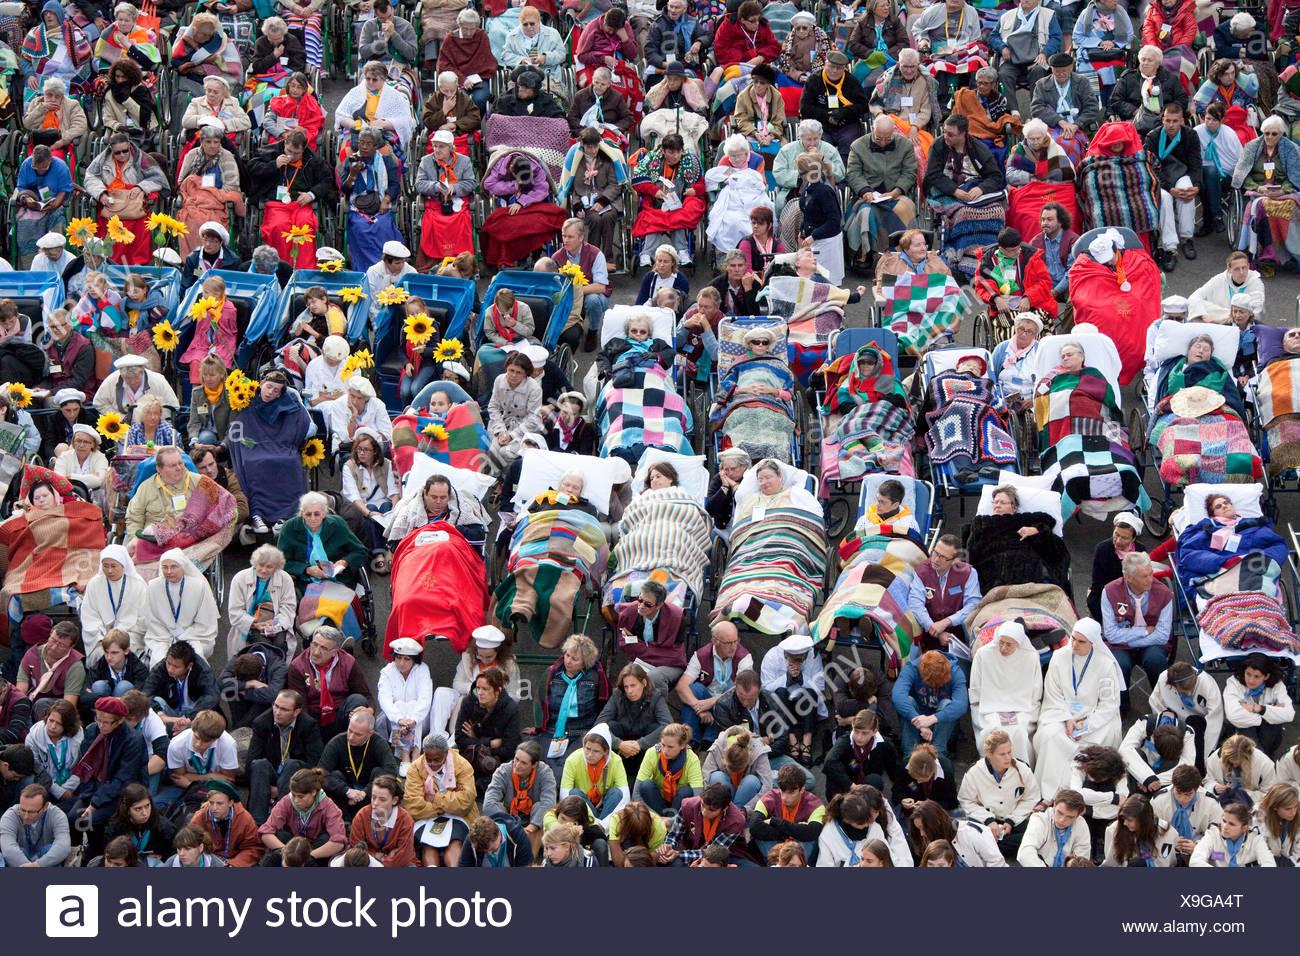 Francia, Europa, Lourdes, Pirineos, lugar de peregrinación, la esperanza, el milagro, minusválidos, obstaculiza, creyentes, acreedores, religión Foto de stock